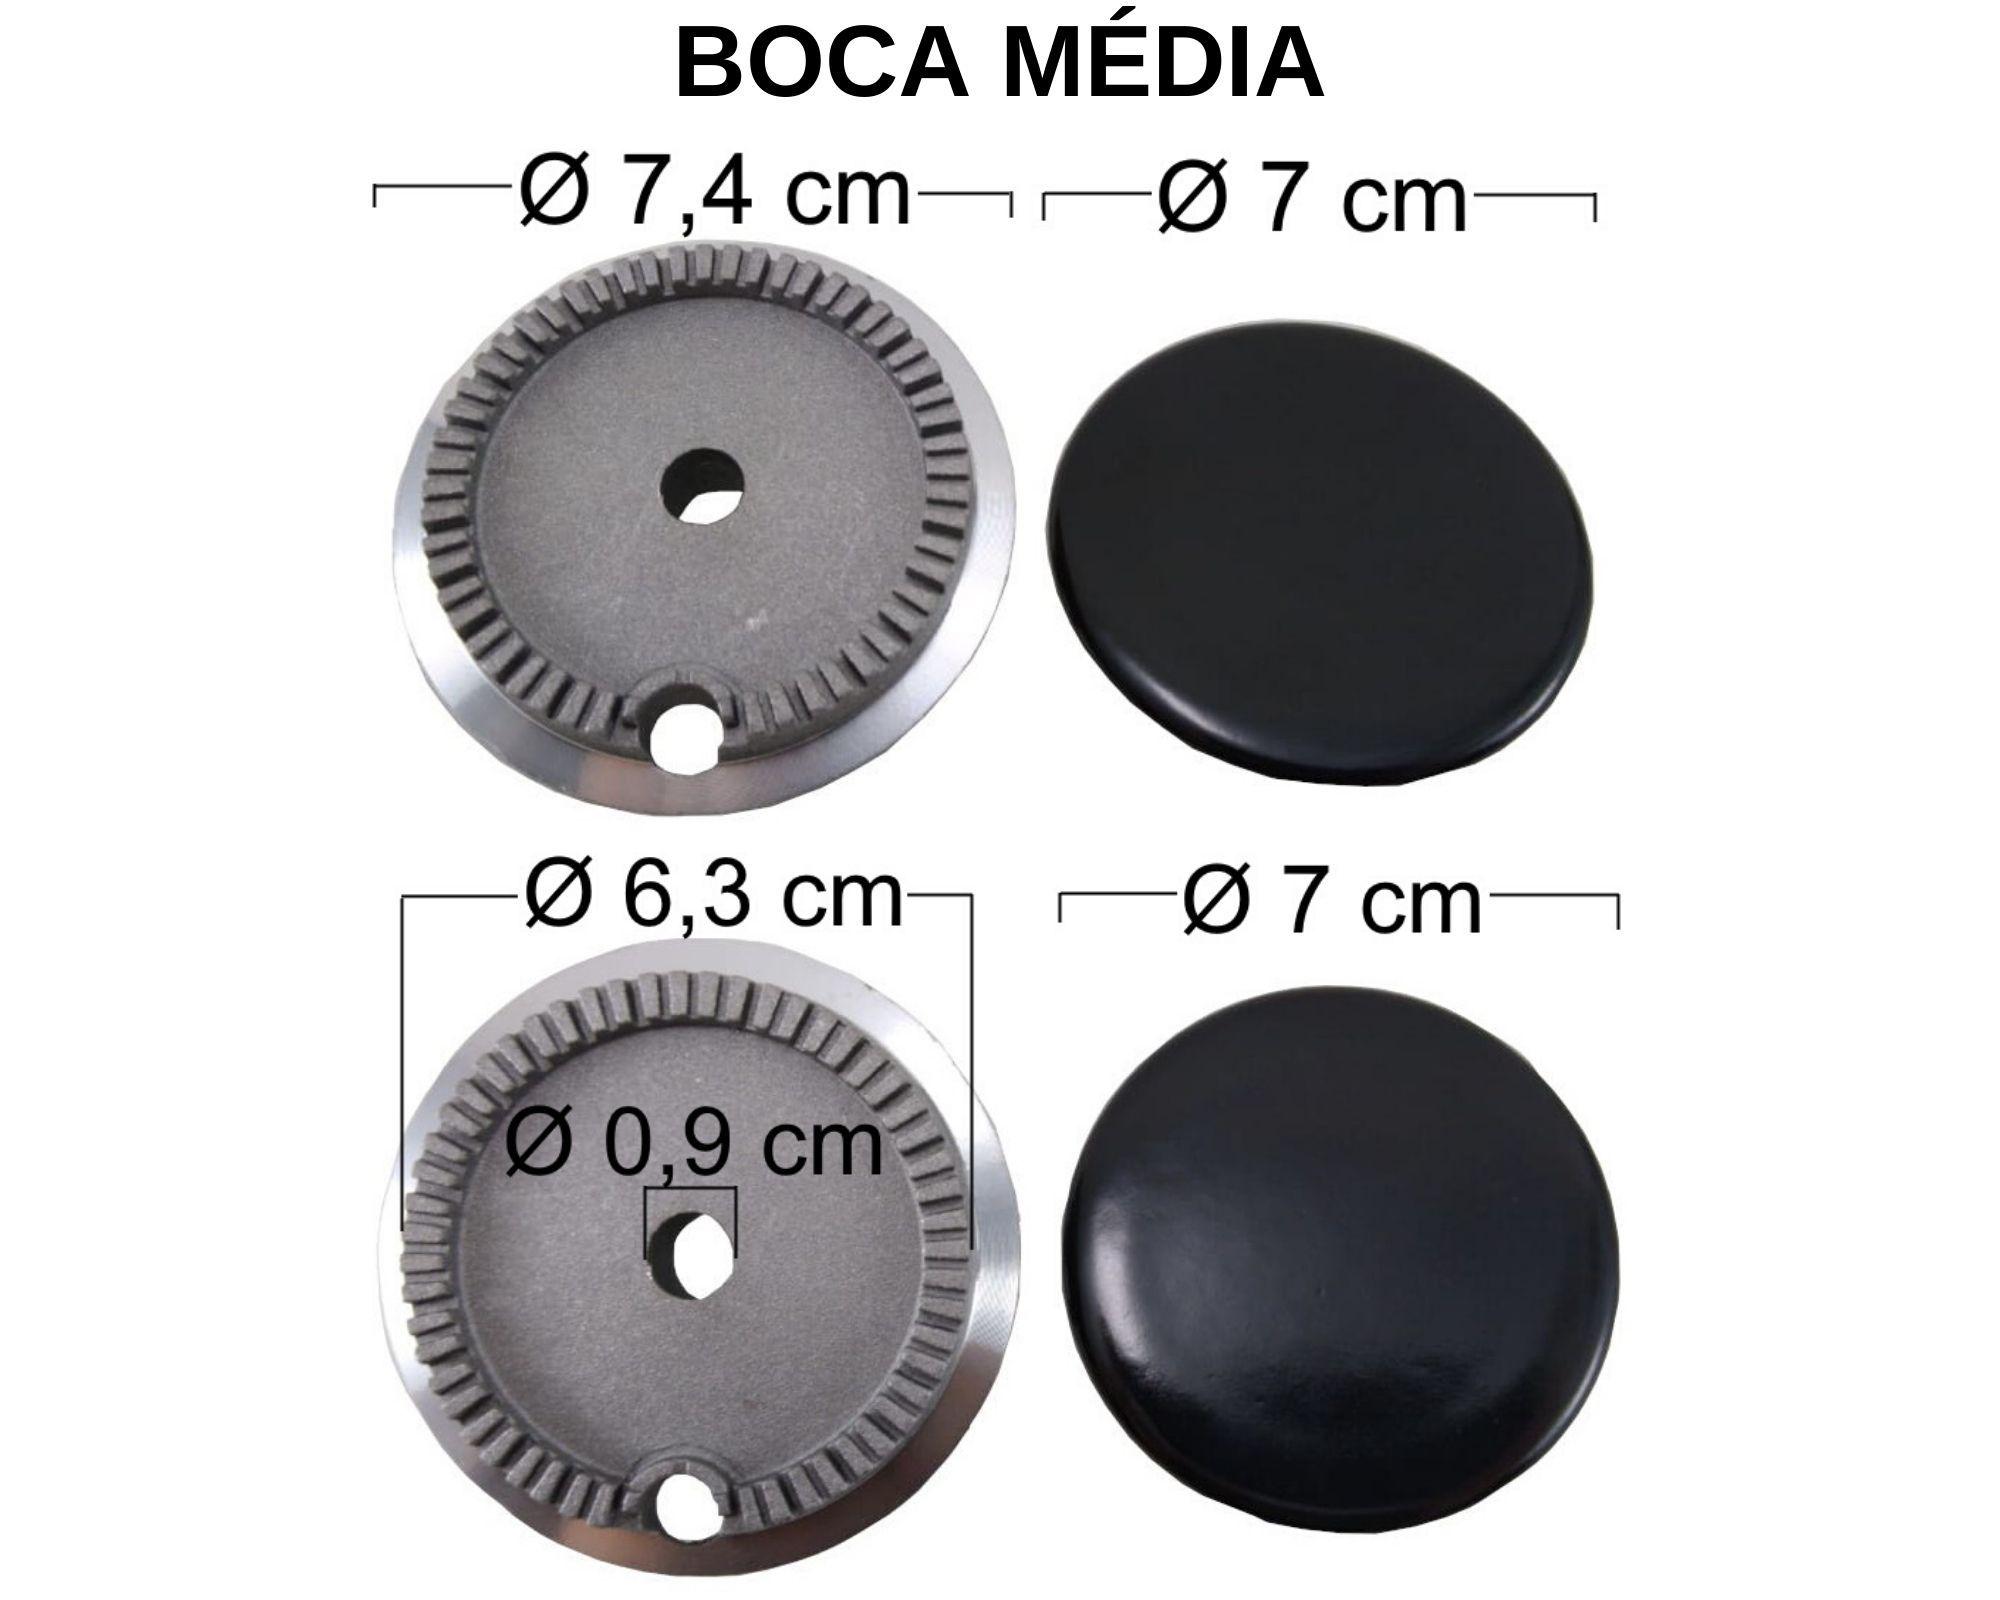 Kit Queimadores Fogão ELECTROLUX 4 Bocas - Ref. KQFE4B